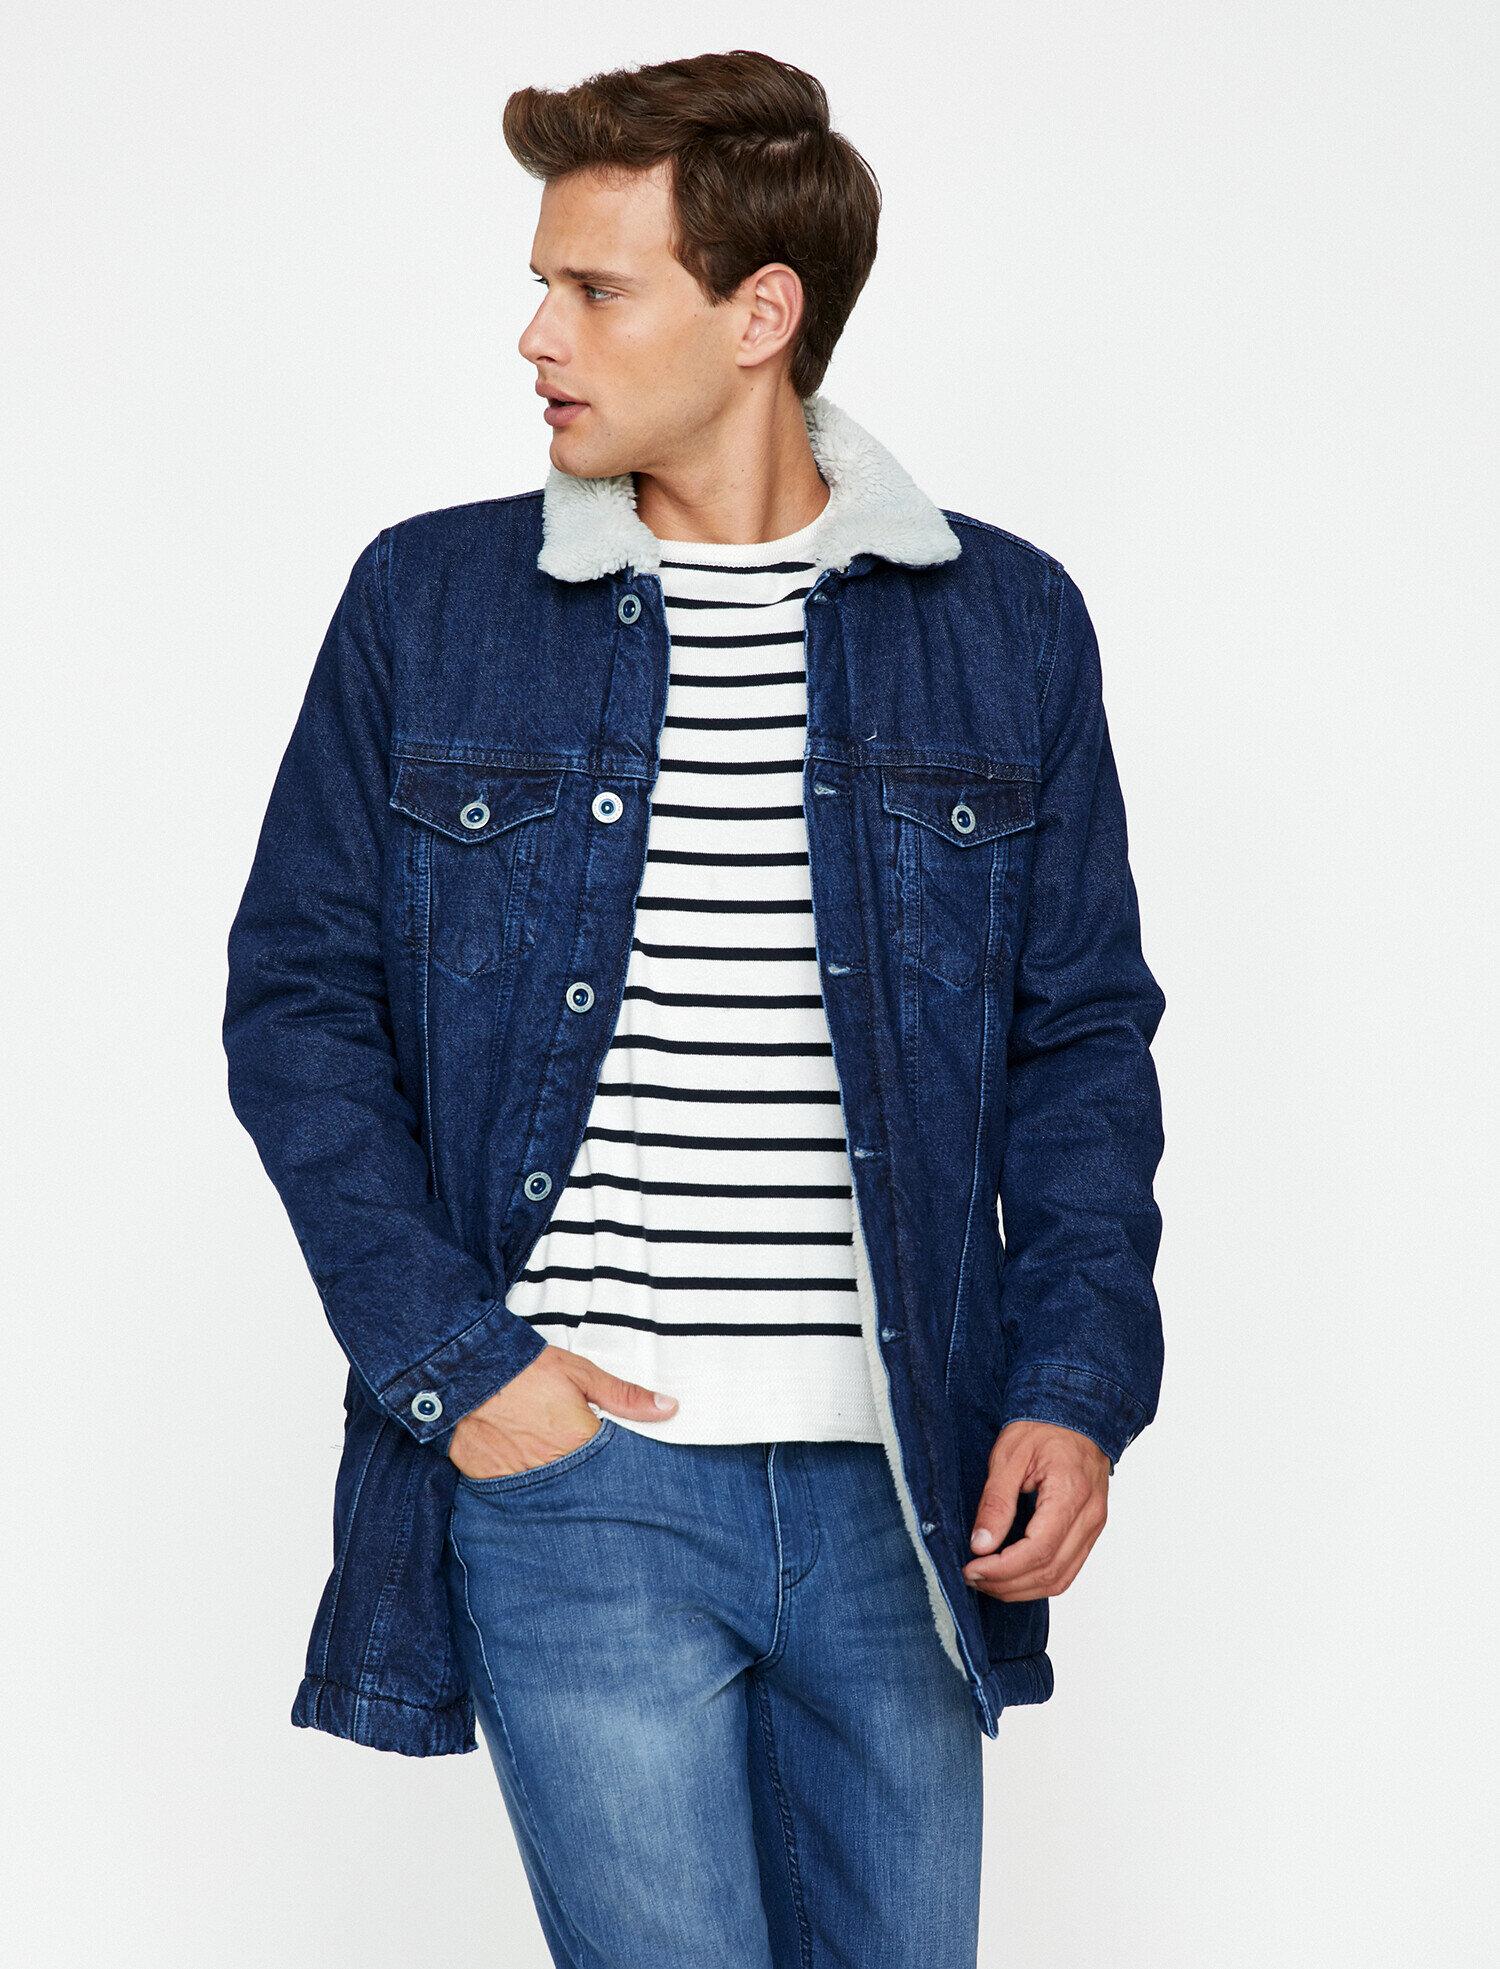 Koton Erkek Cep Detayli Jean Ceket Mavi Ürün Resmi